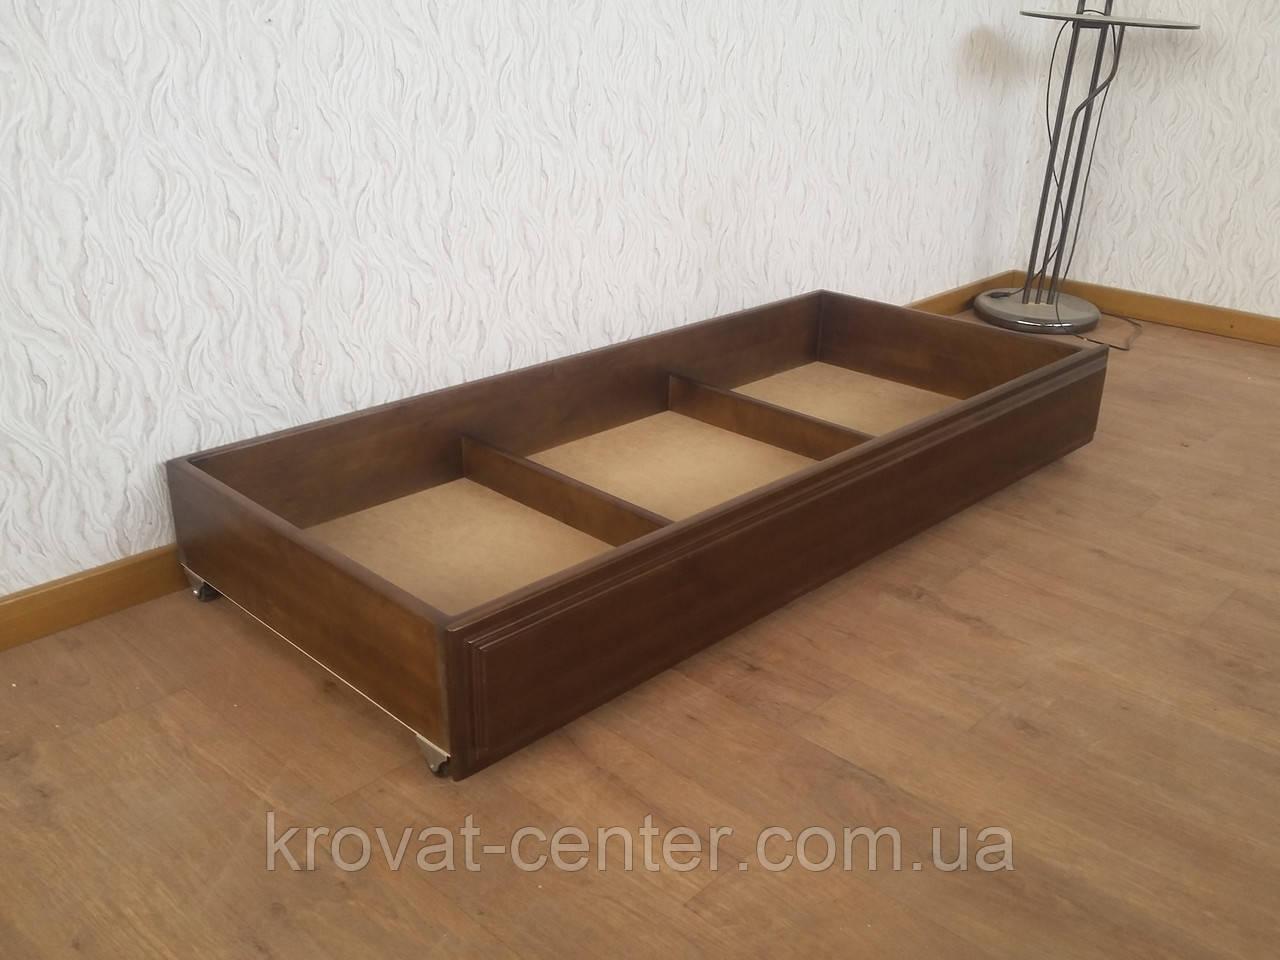 Подкроватних ящик на гумових коліщатках (довжина 140 см) від виробника